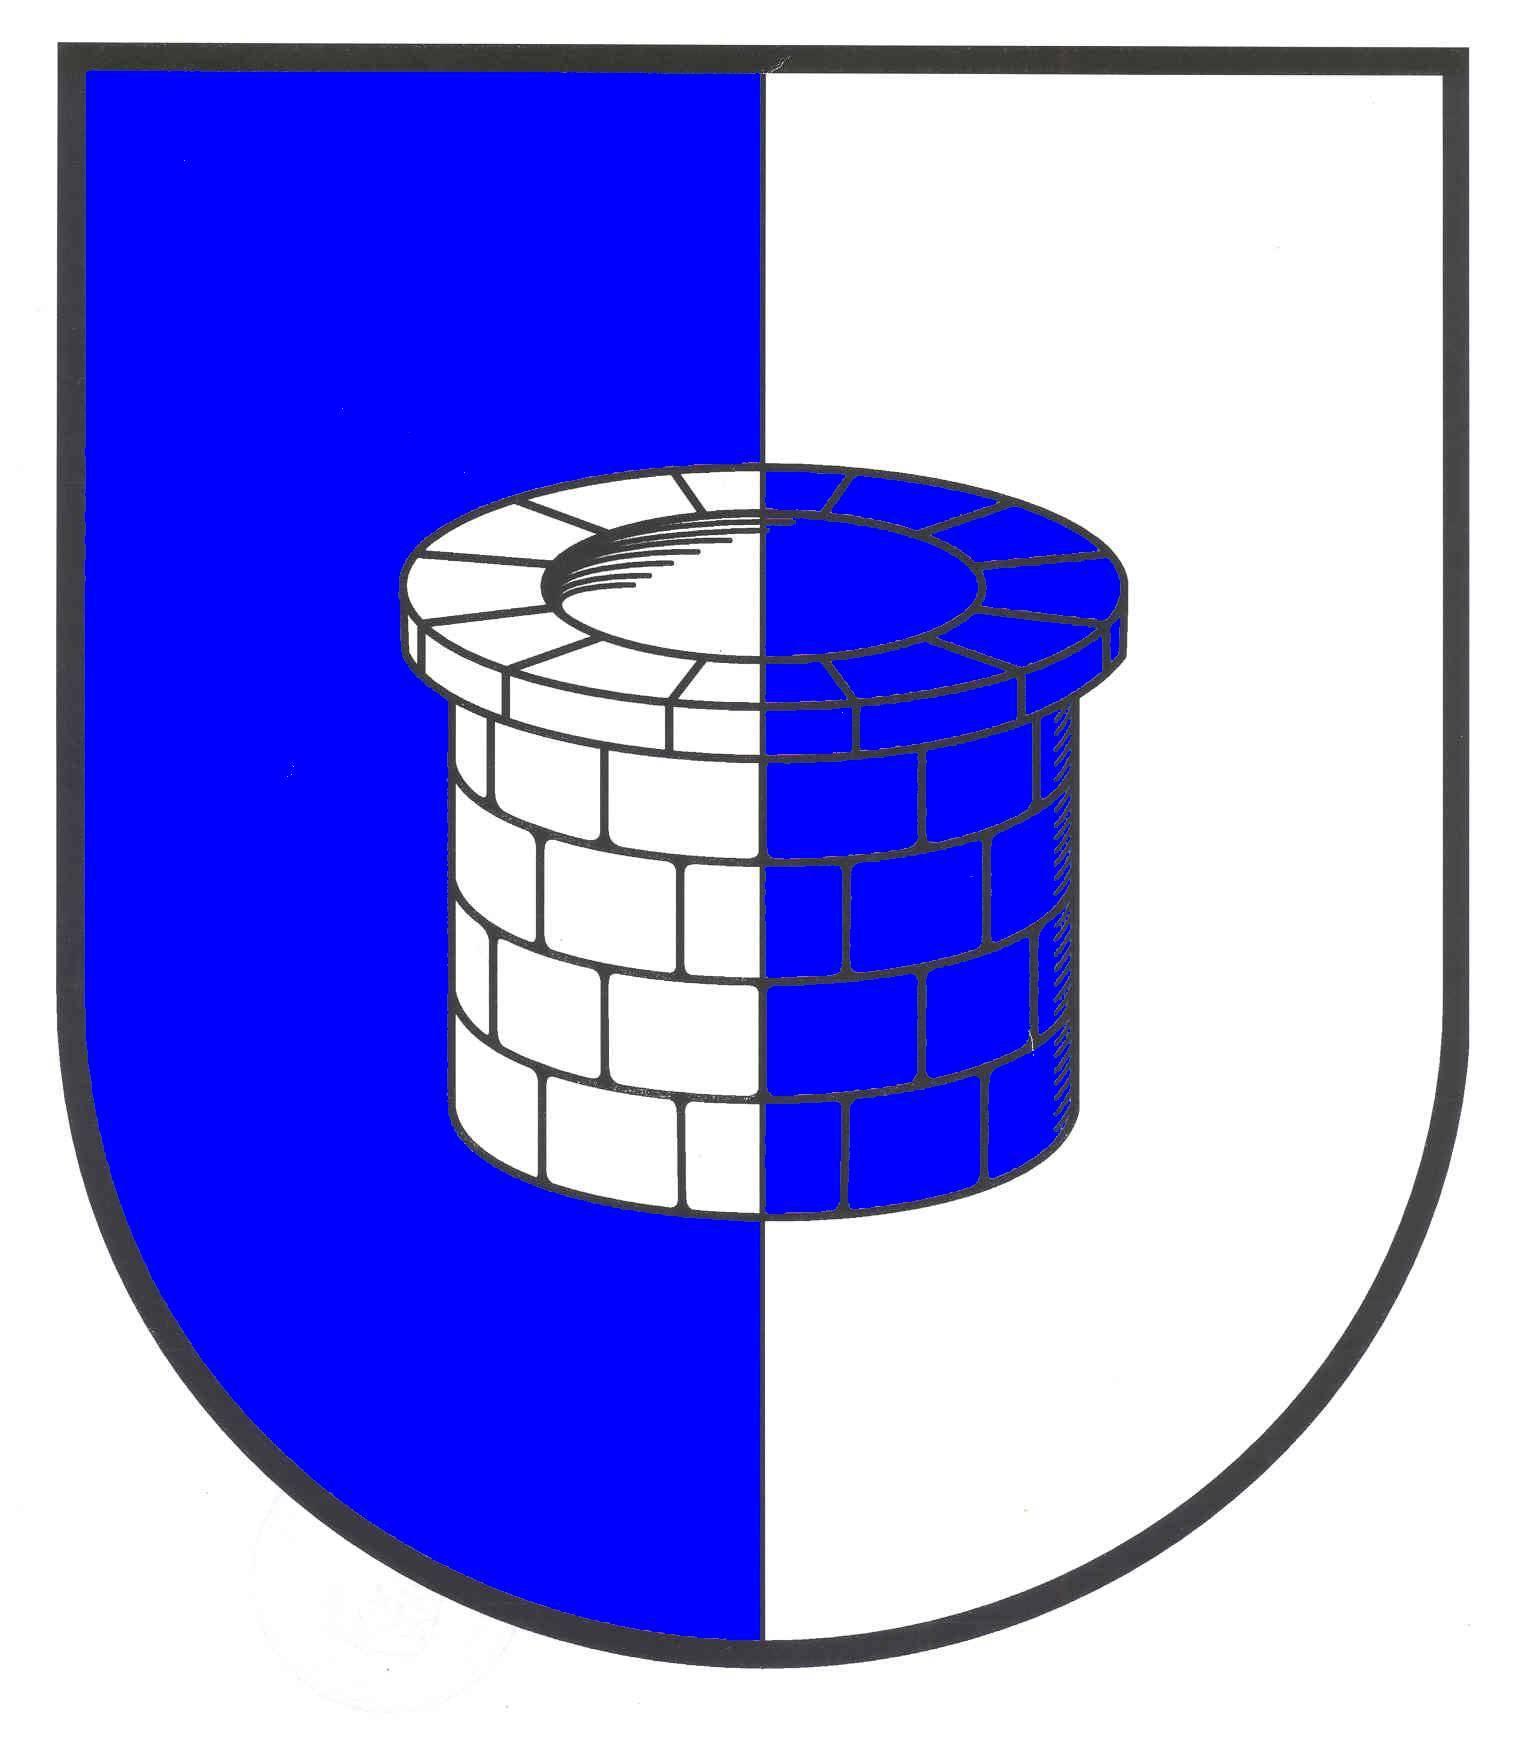 Wappen GemeindeWittenborn, Kreis Segeberg